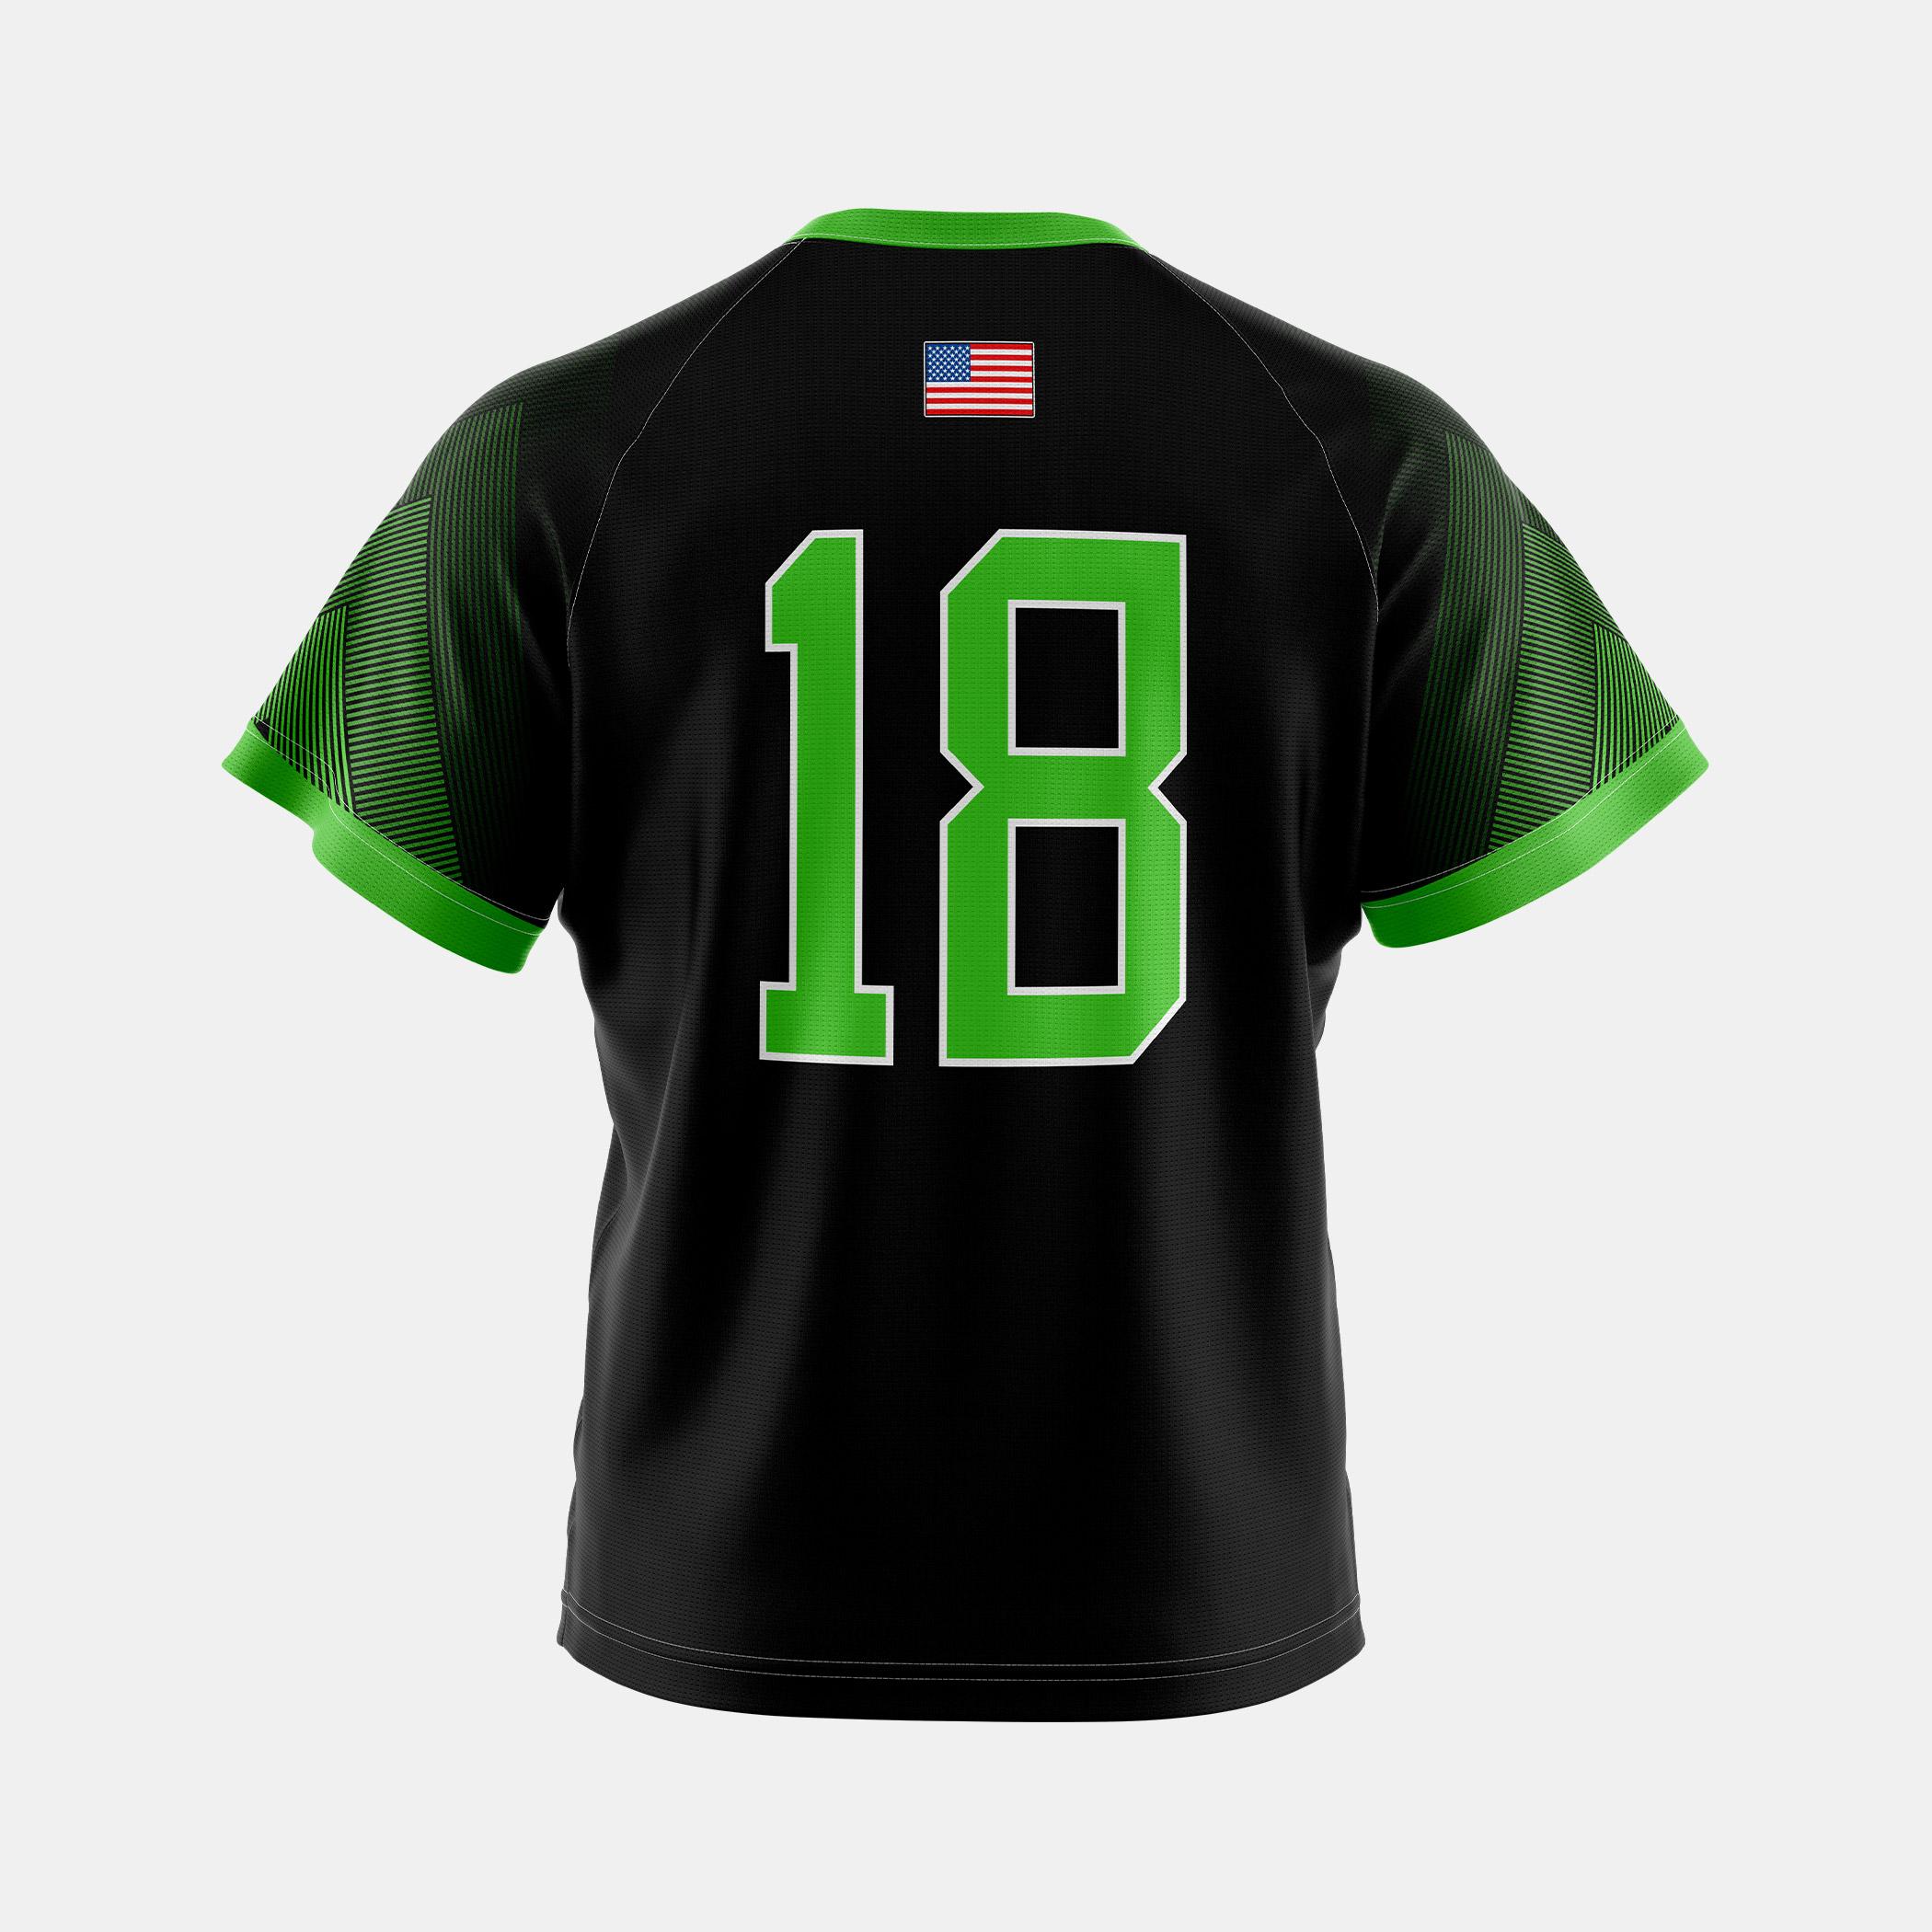 Infinity Jersey Black Back